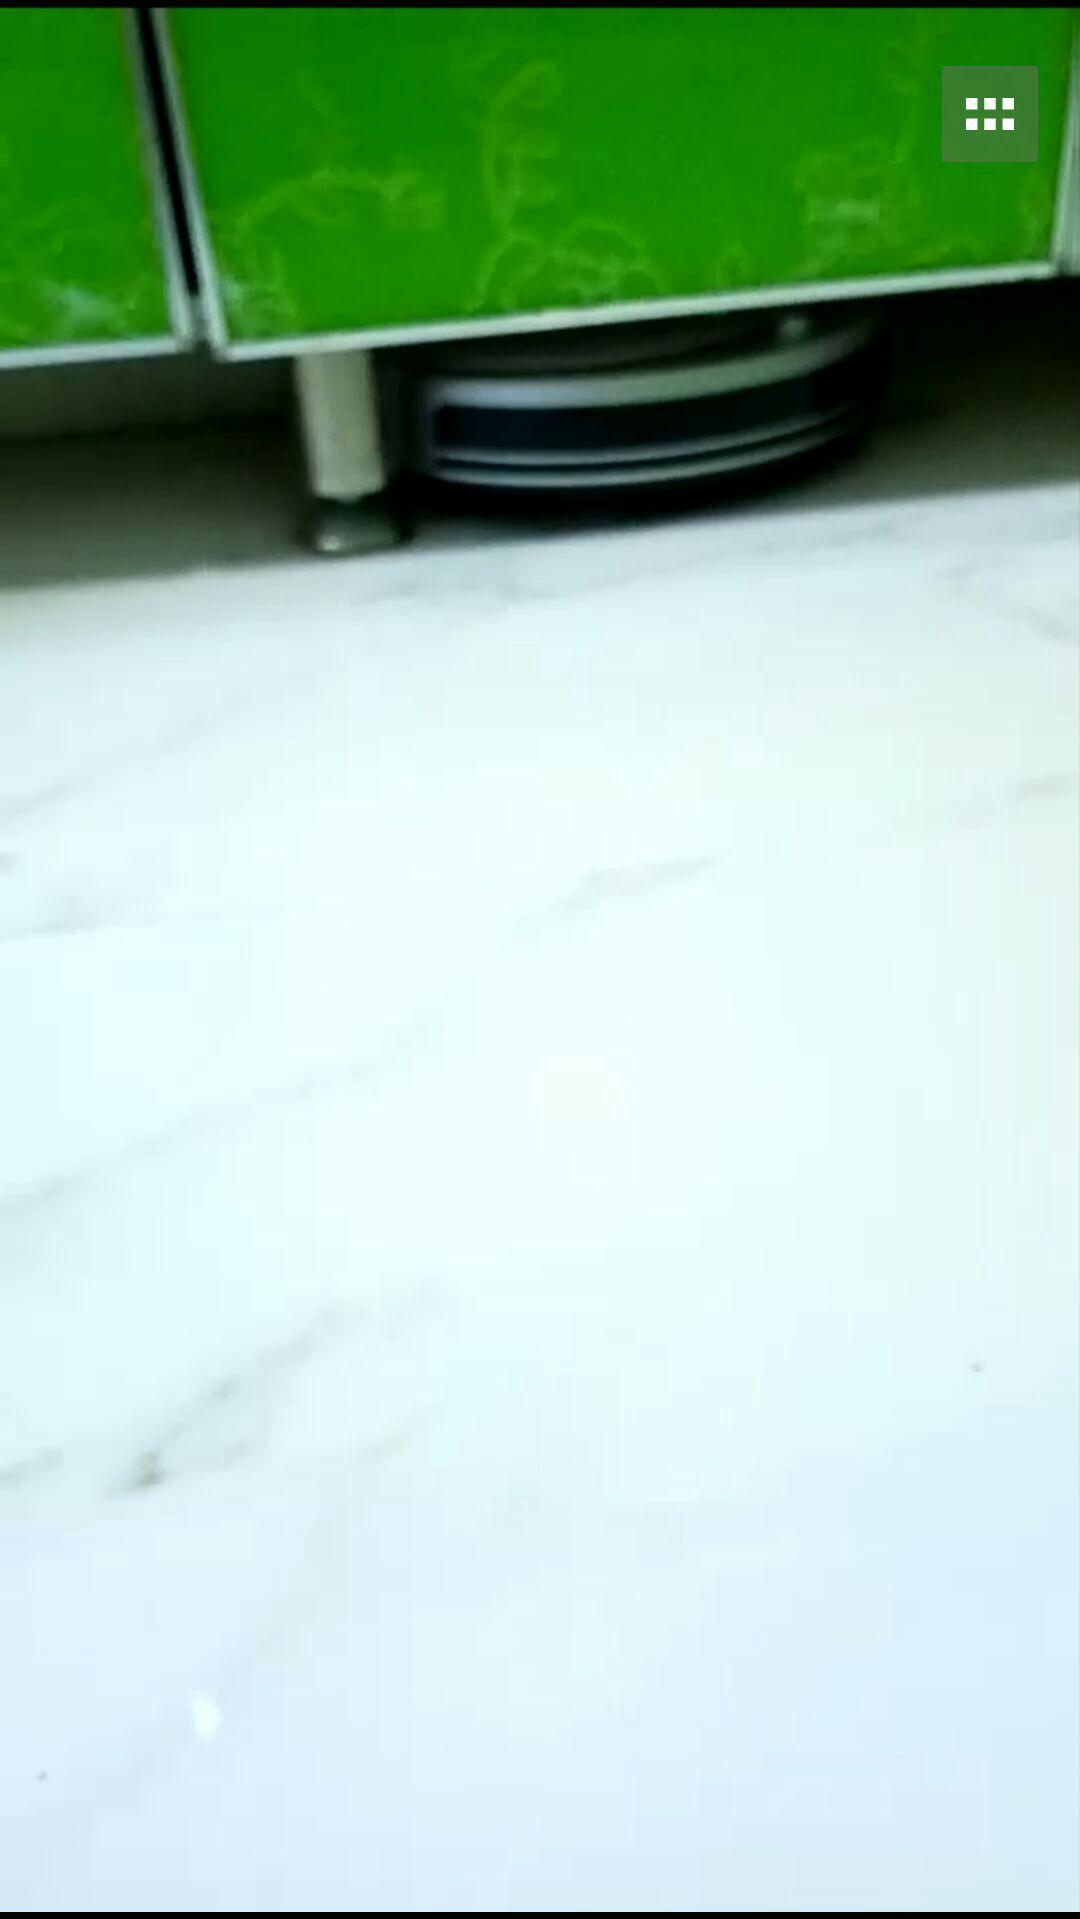 参考评论海尔TAB-T550WSC洗地机质量好不好,值得入手的原因分享!